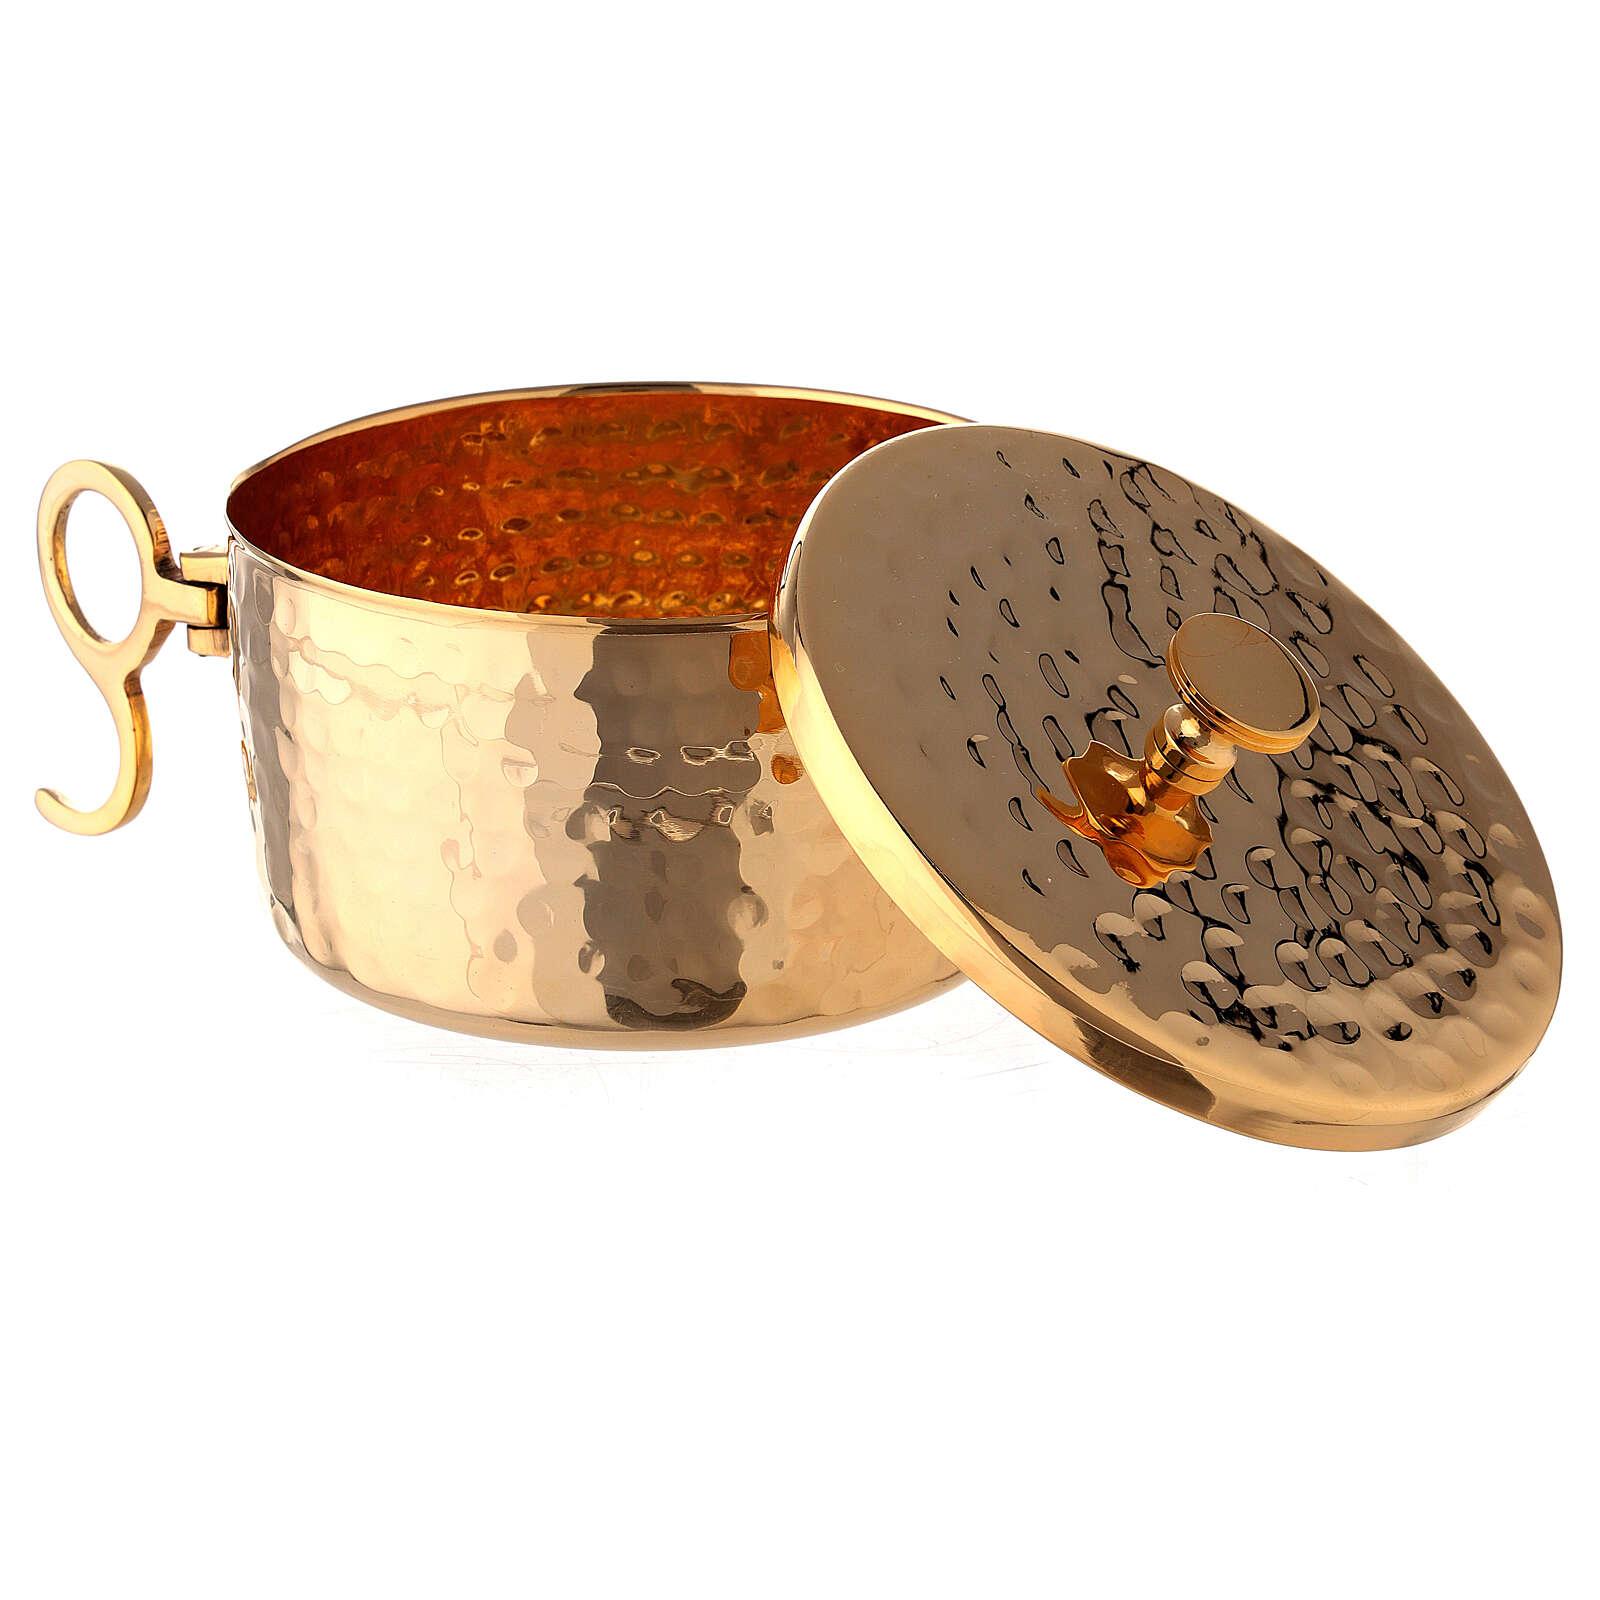 Copón latón dorado martillado apilable d 10 cm 4